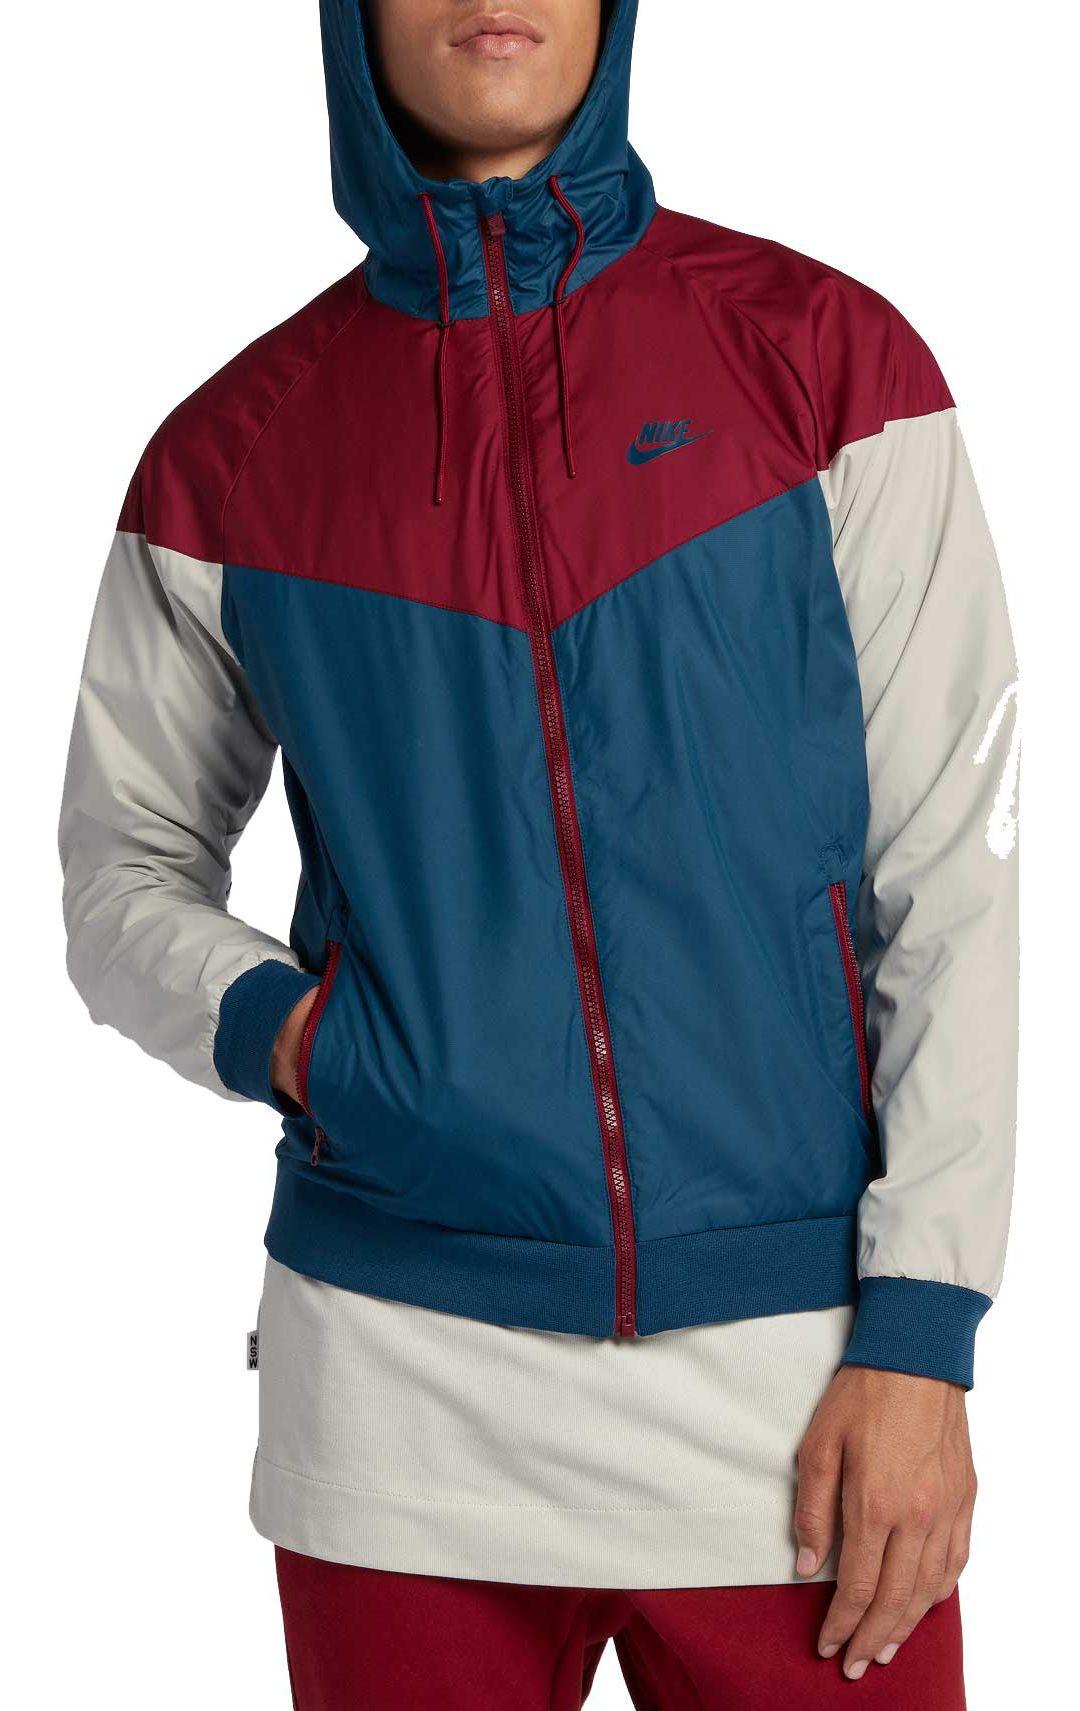 brand new f6daa 55770 Nike Men s Windrunner Full Zip Jacket 1